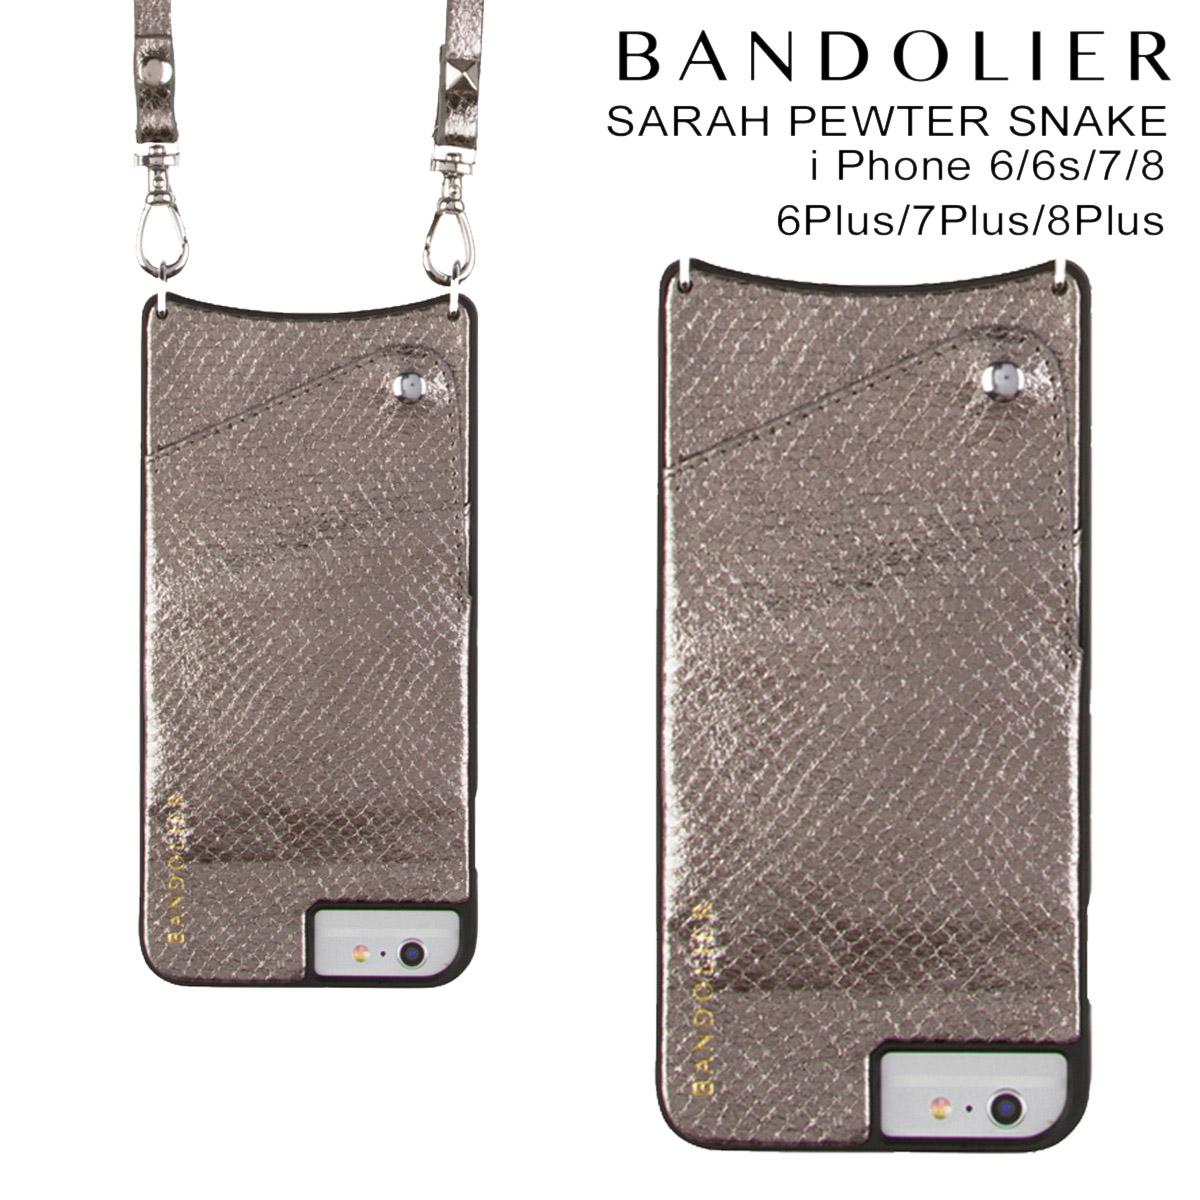 バンドリヤー BANDOLIER iPhone8 iPhone7 7Plus 6s ケース スマホ アイフォン プラス SARAH PEWTER SNAKE シルバー